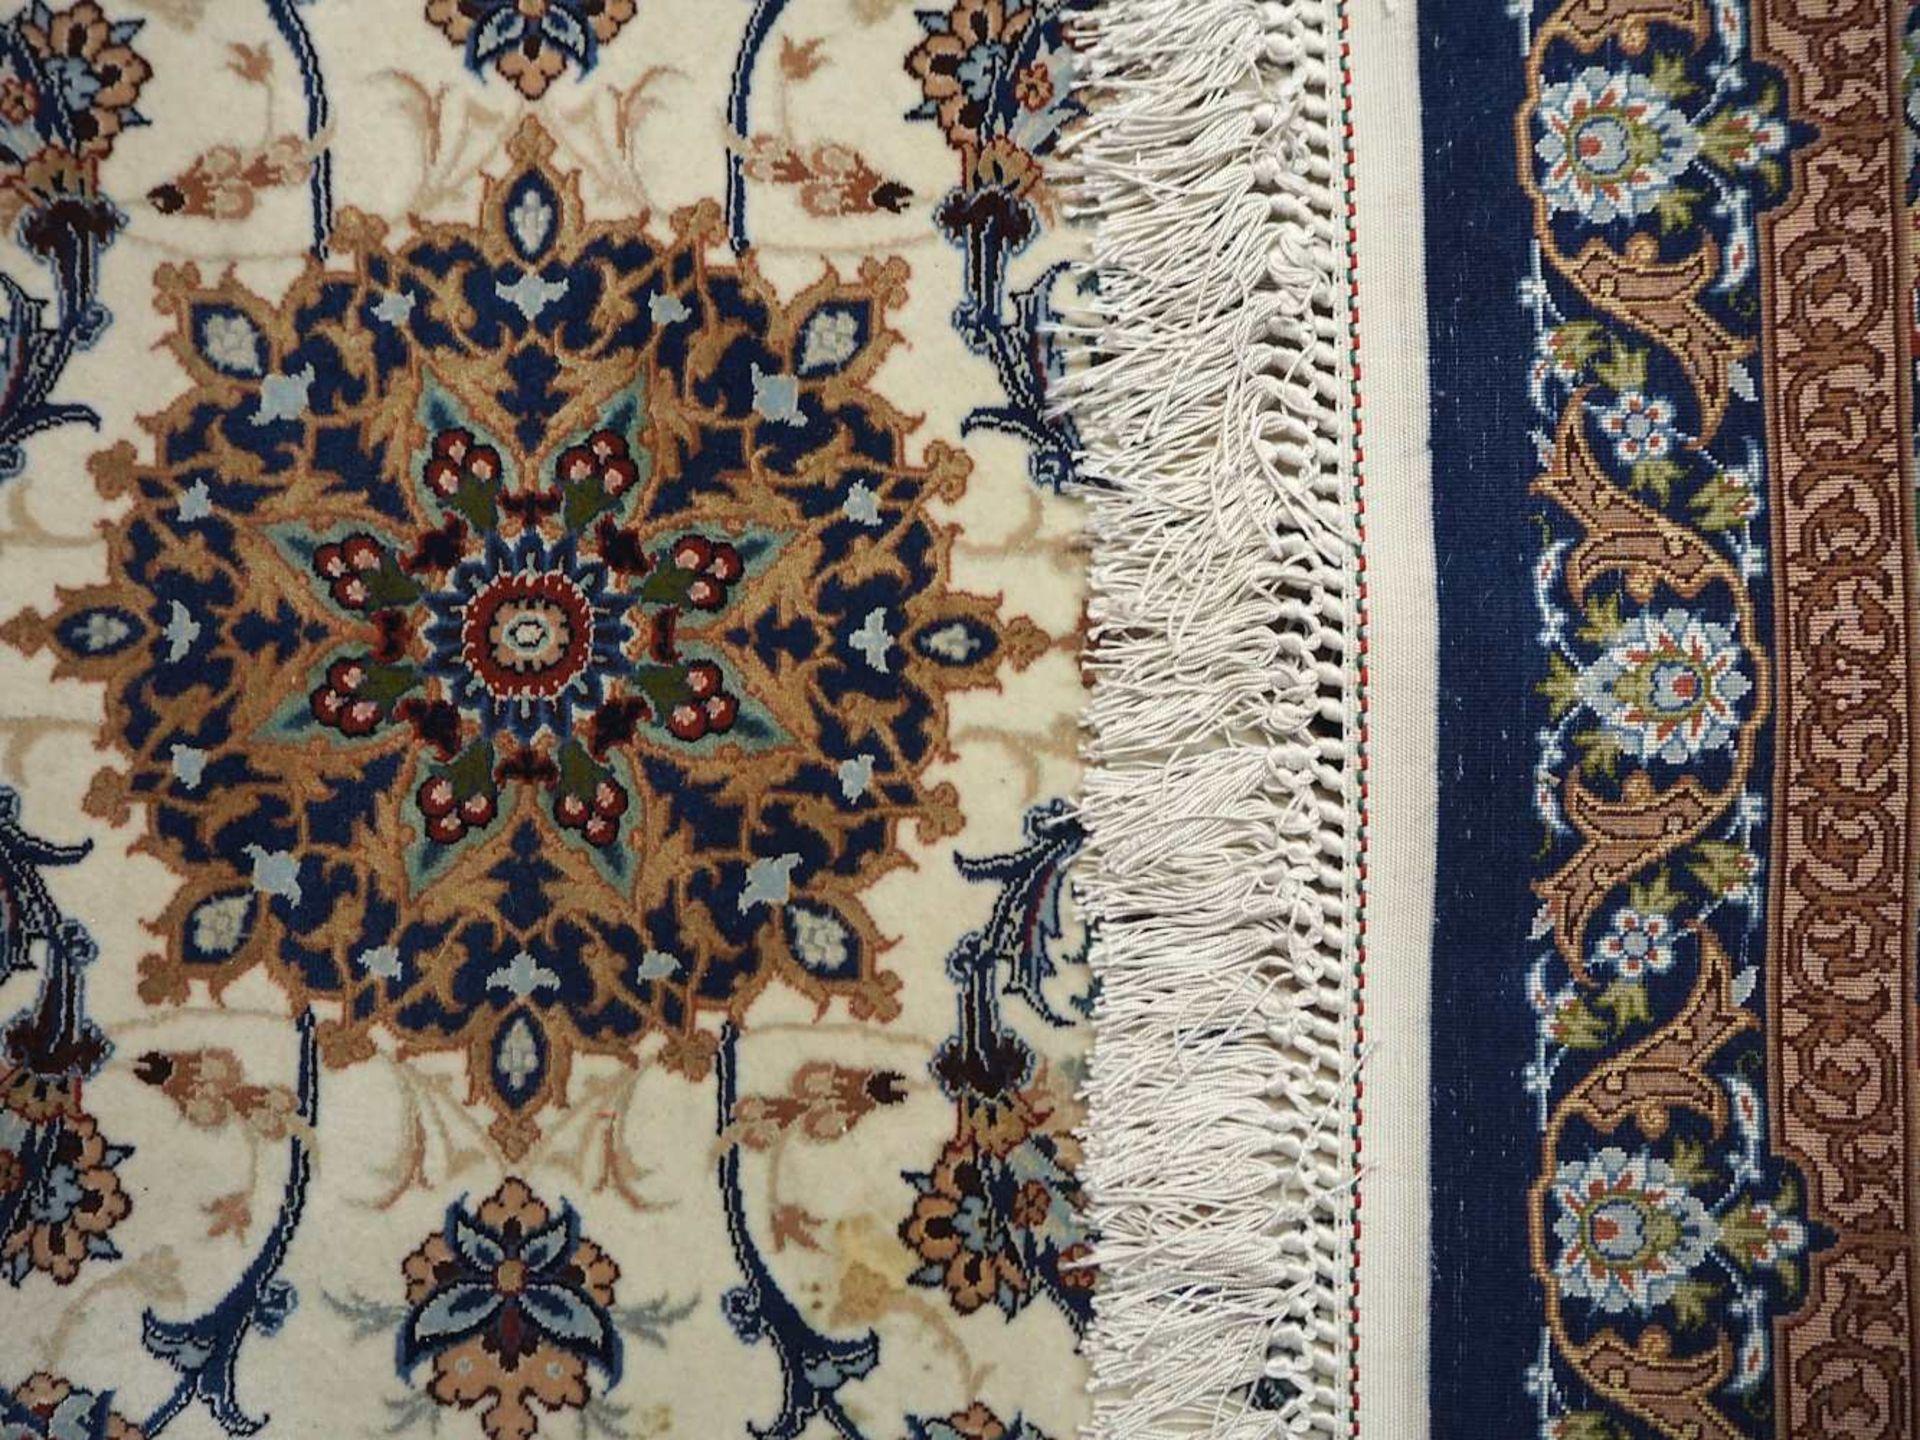 1 Orientgalerie ISFAHAN, Persien Korkwolle mit Seide ca. 1000 000 Knoten/qm², Mittelf - Bild 2 aus 2